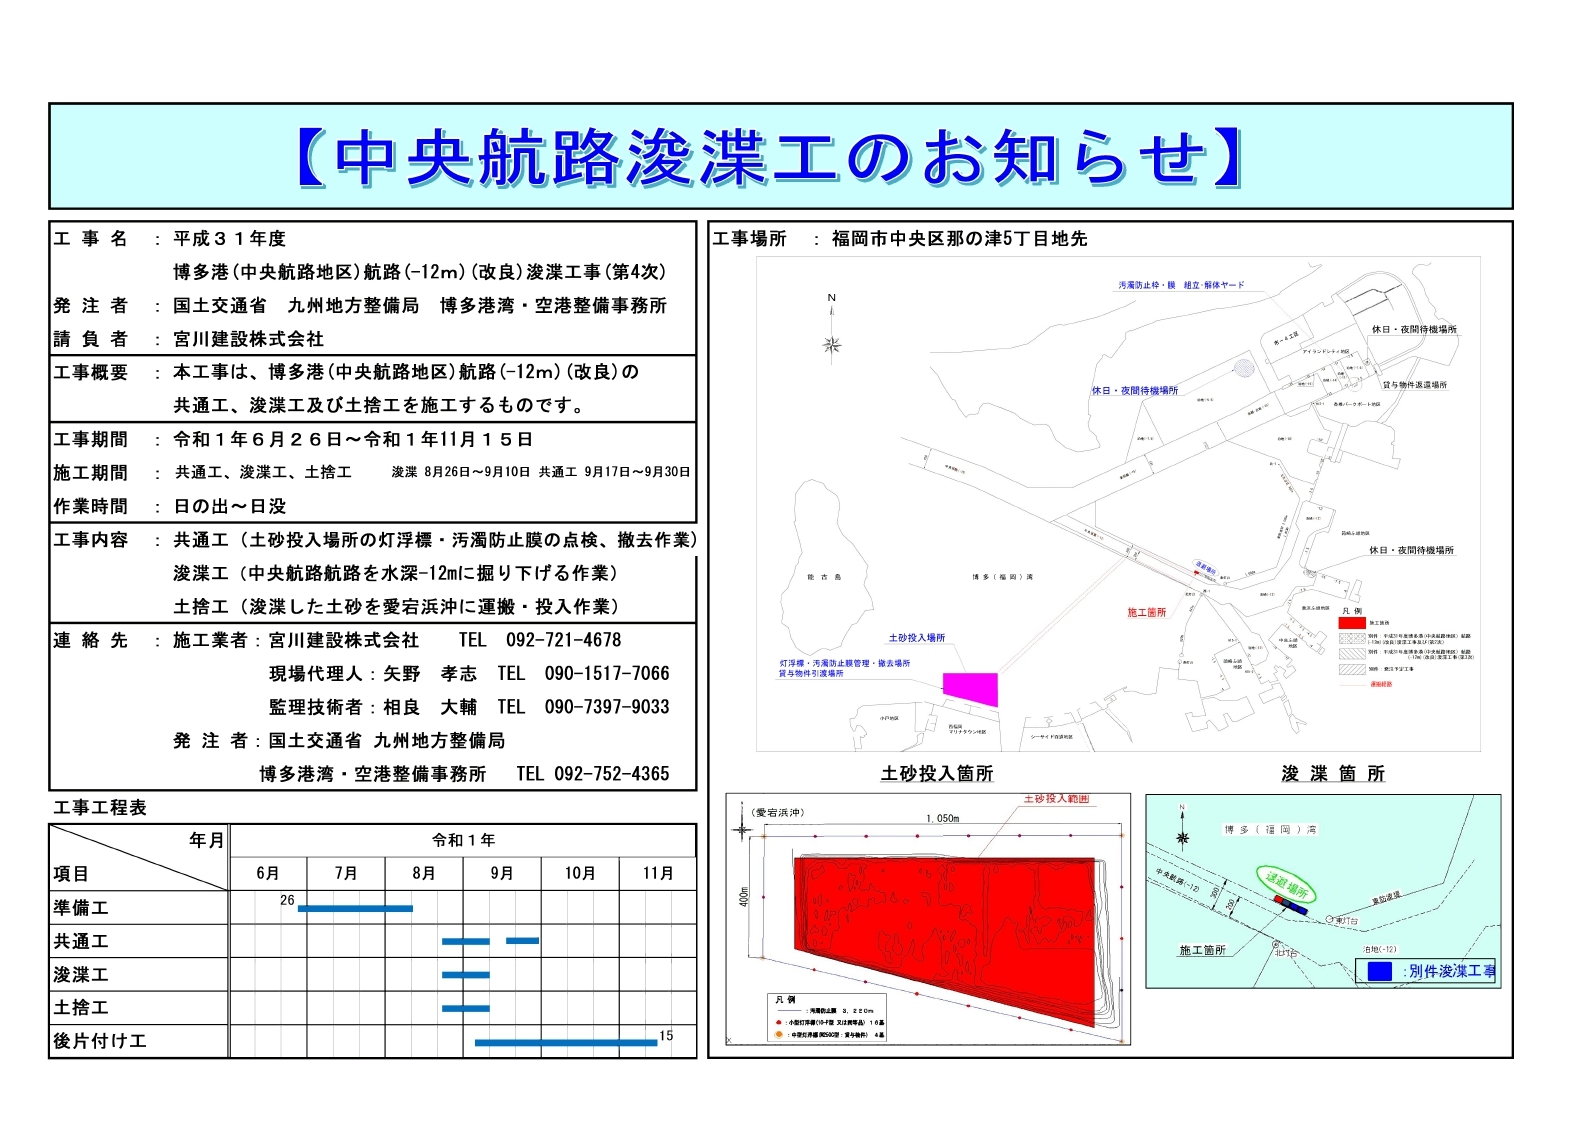 令和元年 工事のお知らせ(説明資料)-2.pdf_page_1